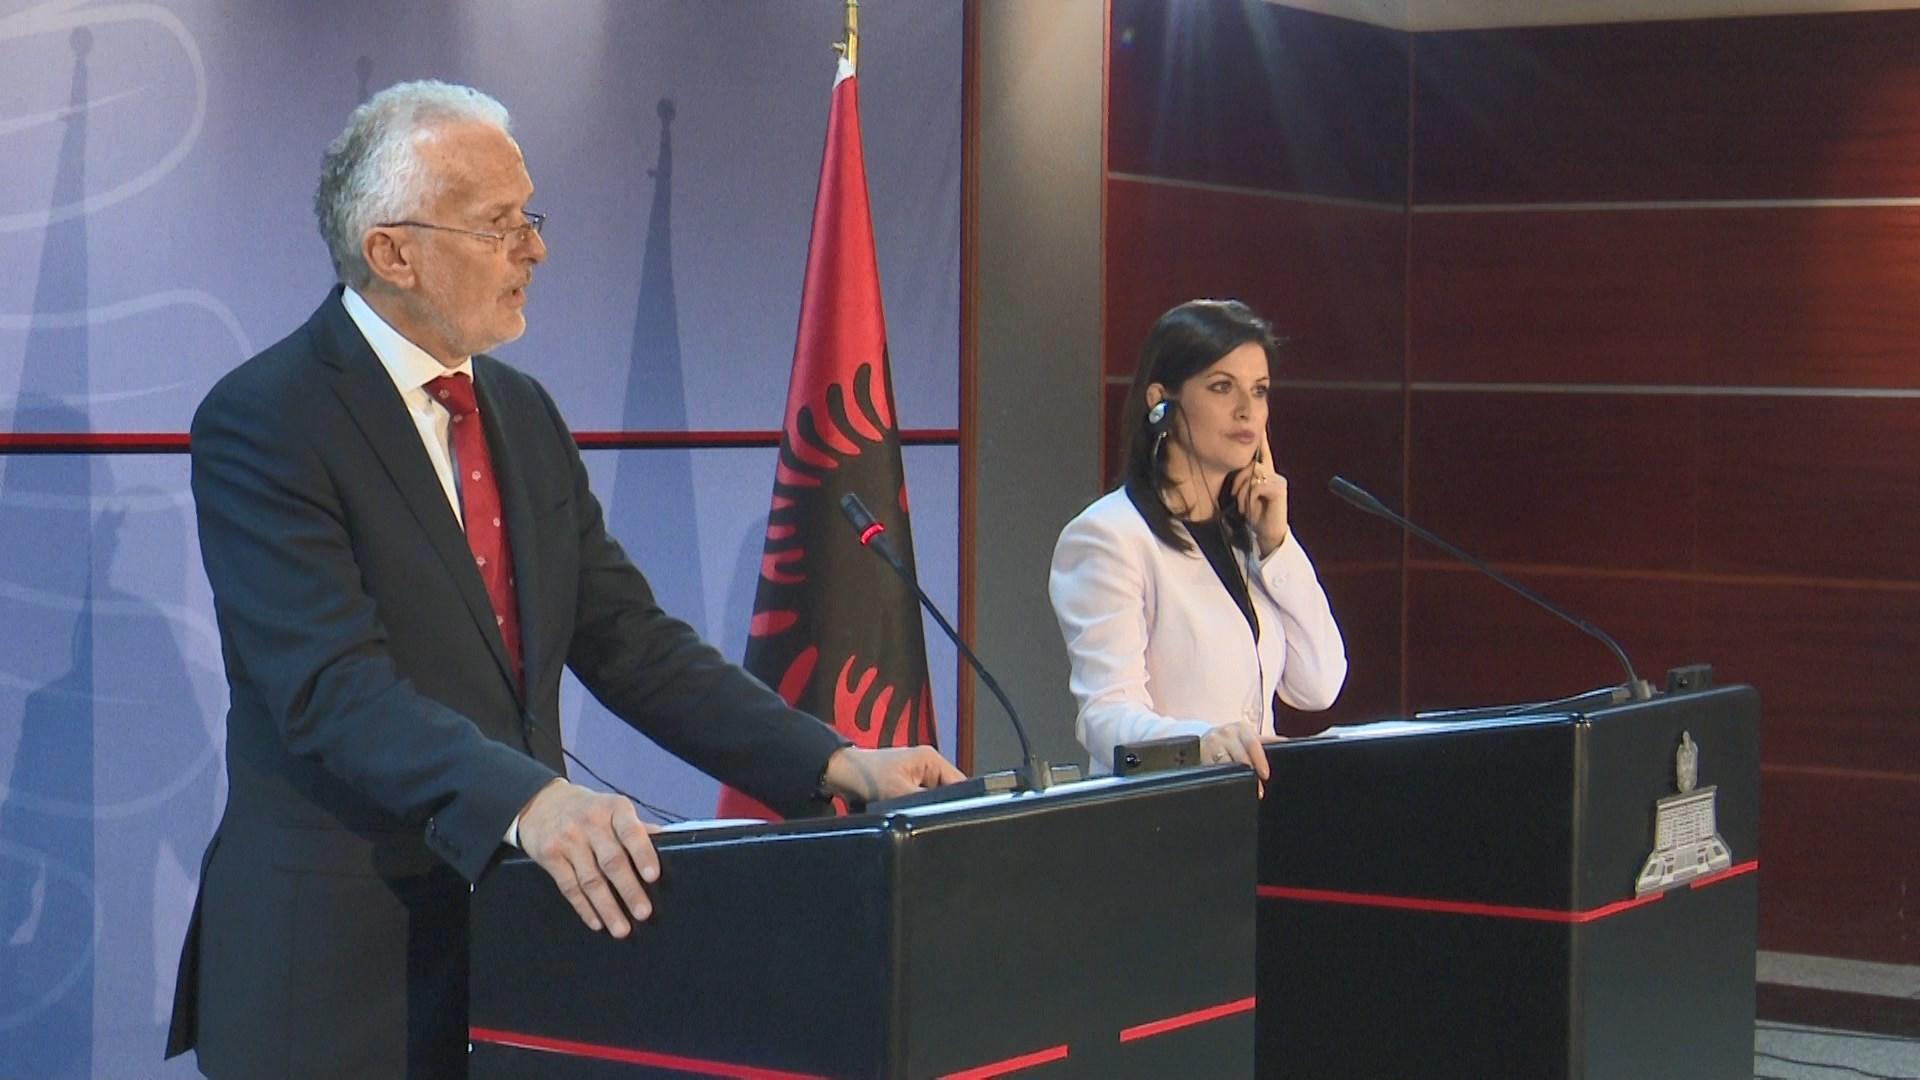 Reforma në drejtësi, krimi e korrupsioni, Gjonaj takon ministrin austriak